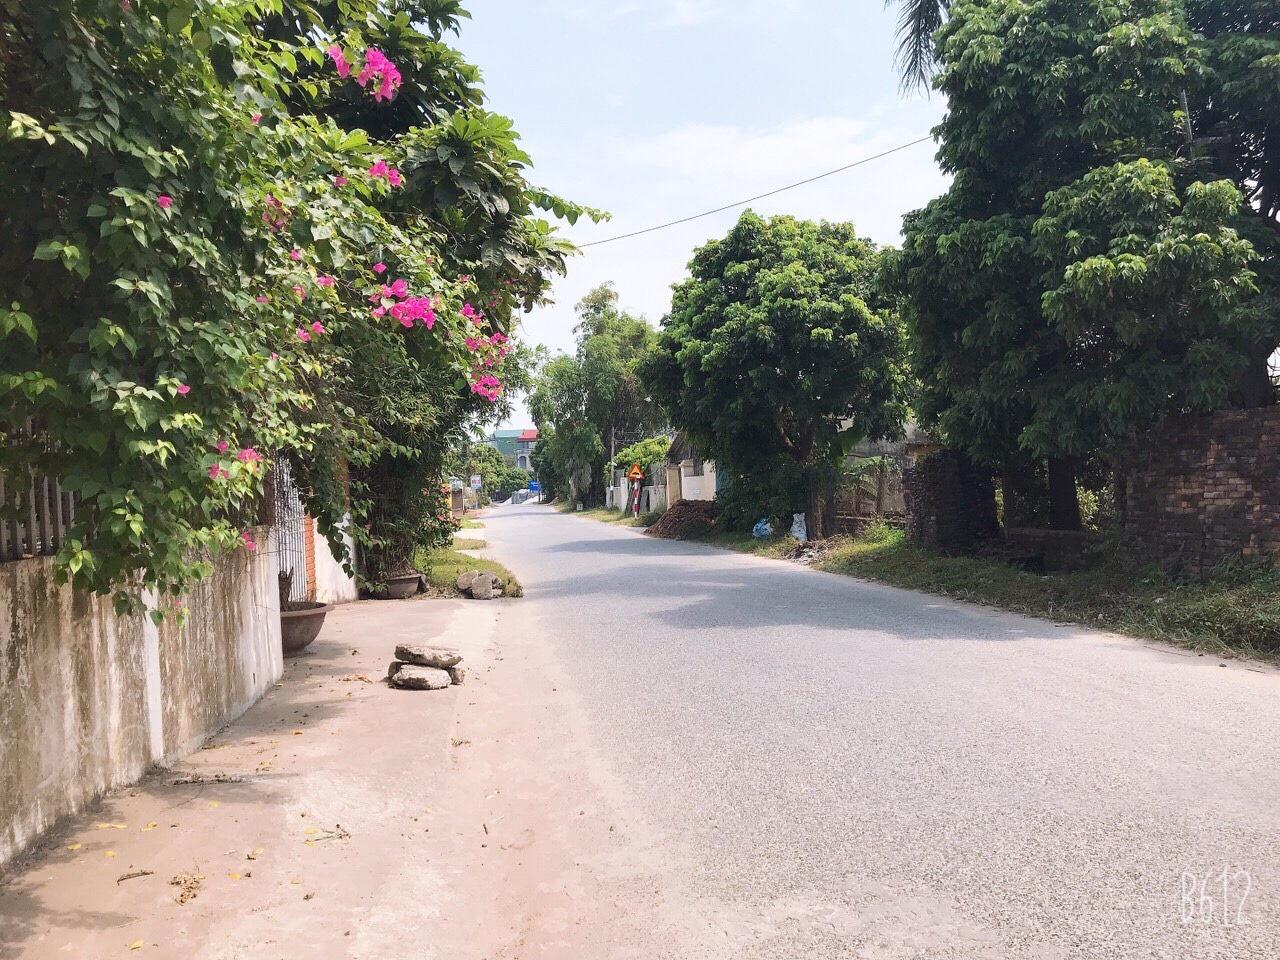 Đường nhiều cây cối tại một khu vực có dự án bất động sản Hưng Yên.